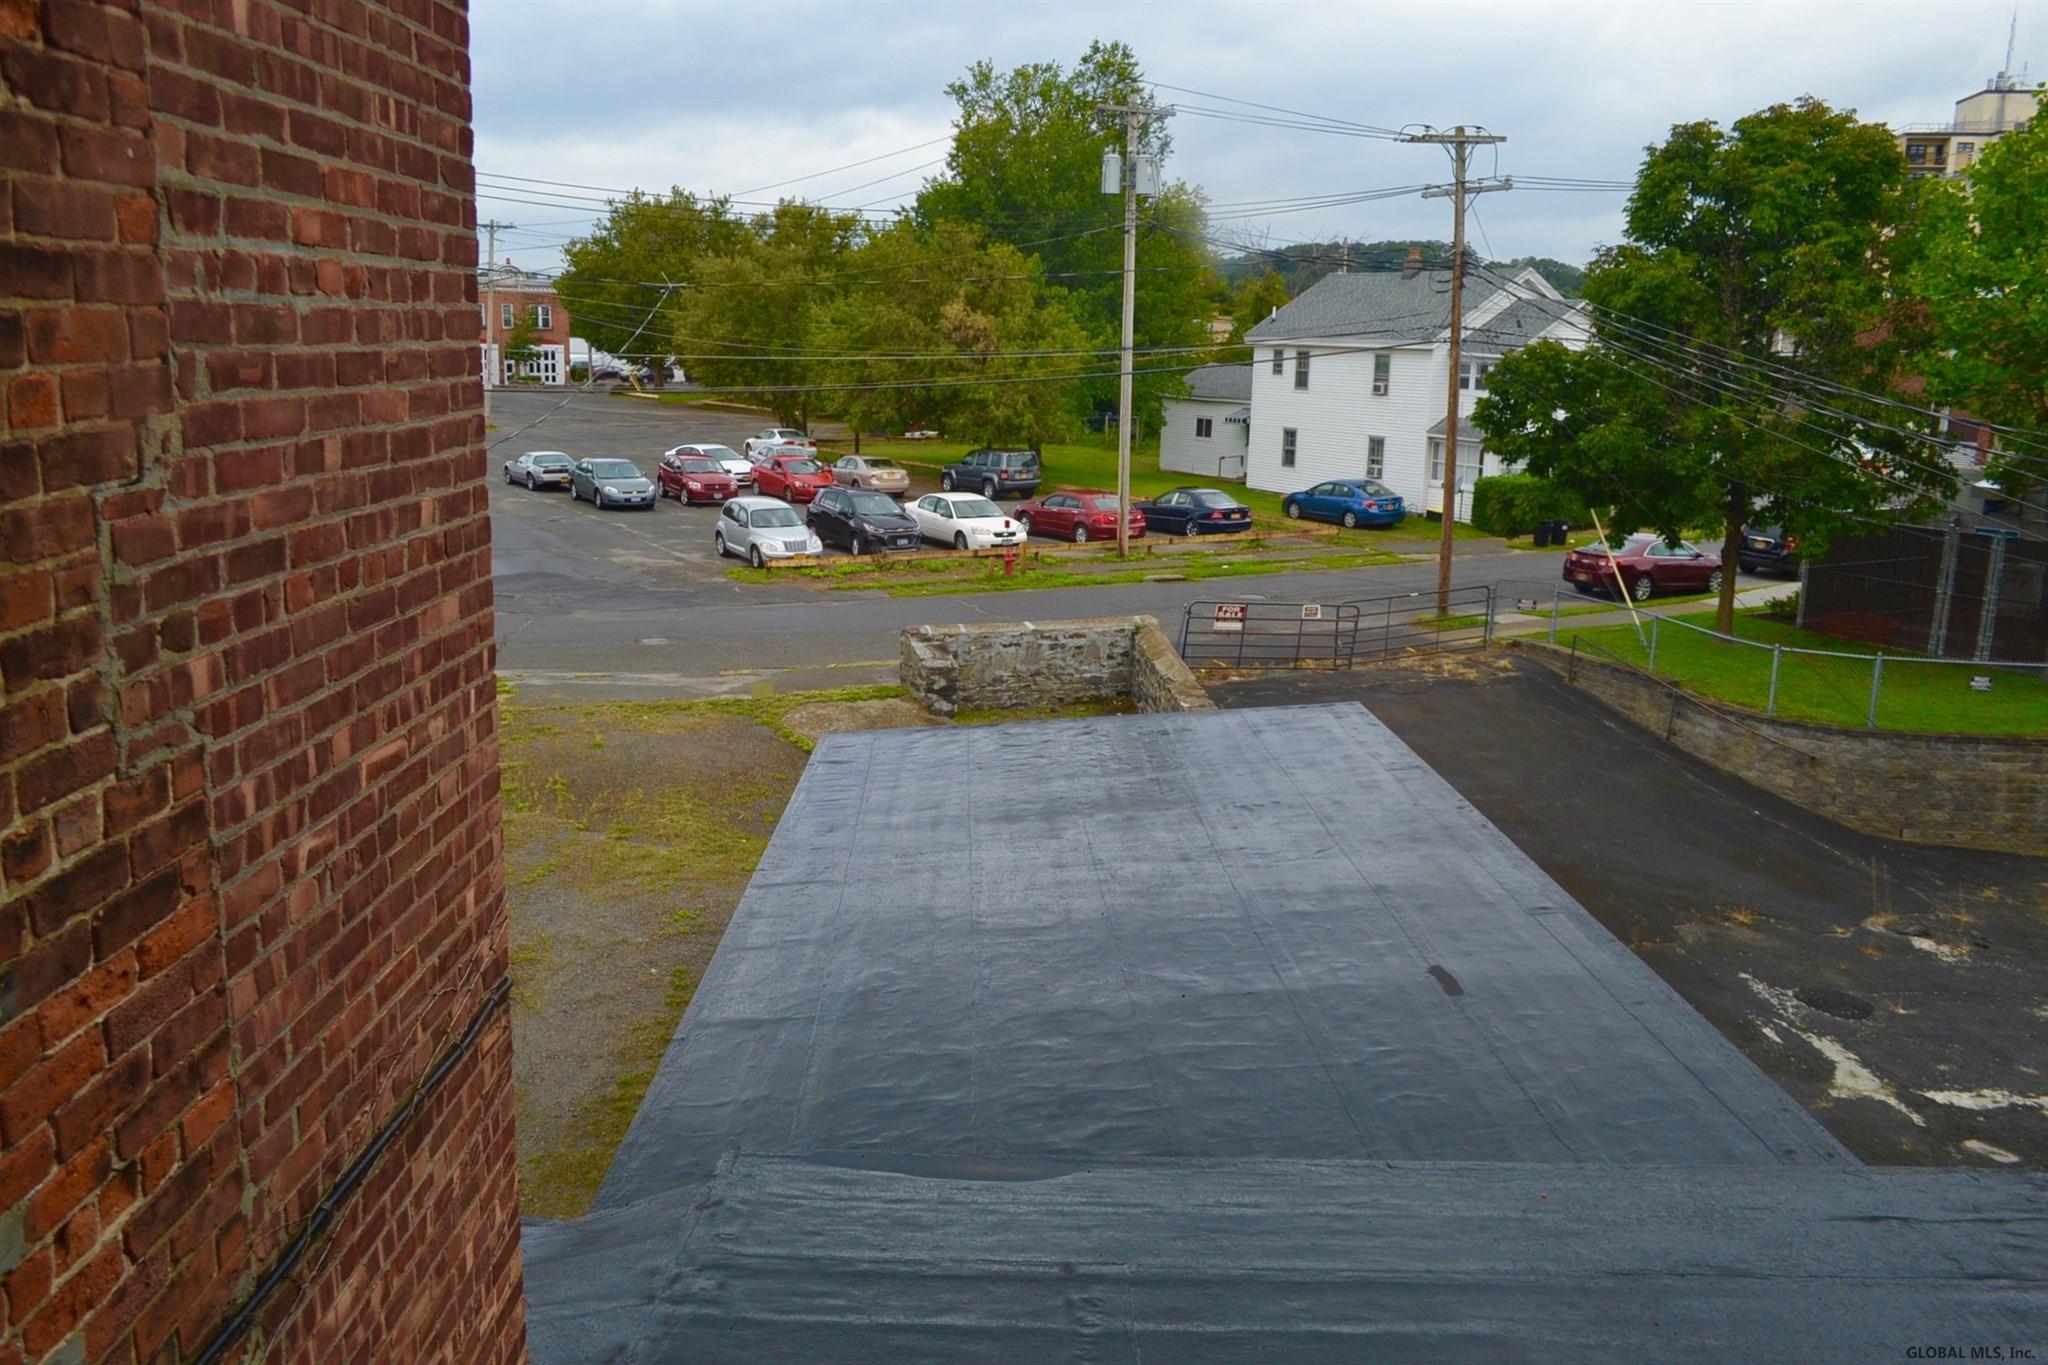 Gloversville image 29